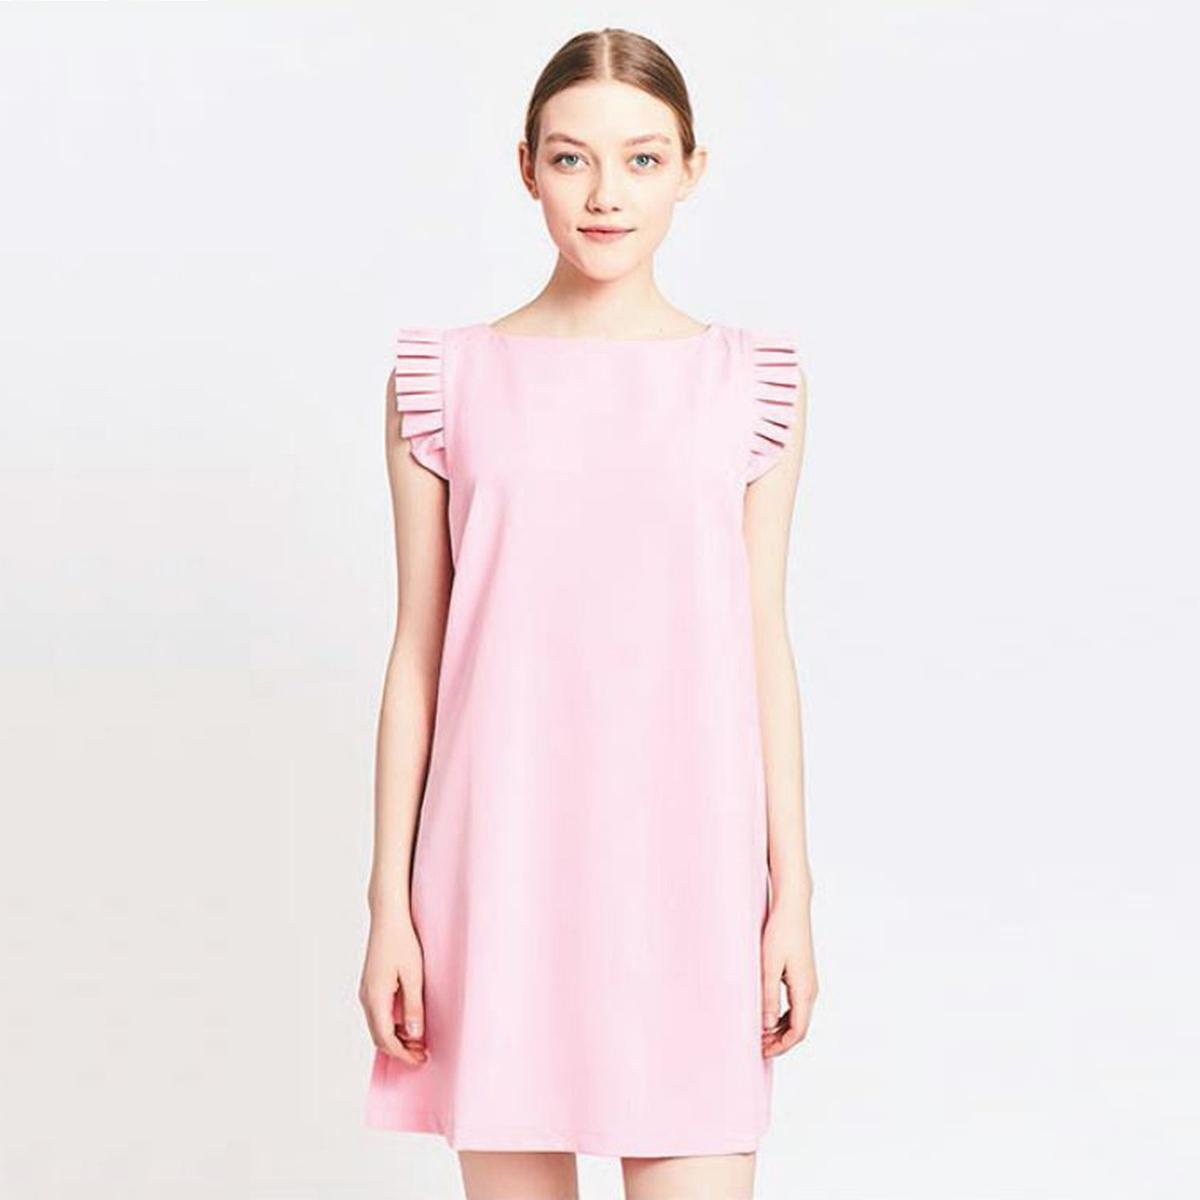 Платье прямое с воланами на рукавахМатериал : 5% эластана, 95% полиэстера  Длина рукава : без рукавов  Форма воротника : круглый вырез Покрой платья : платье прямого покроя      Рисунок : однотонная модель   Длина платья : короткое<br><br>Цвет: розовый